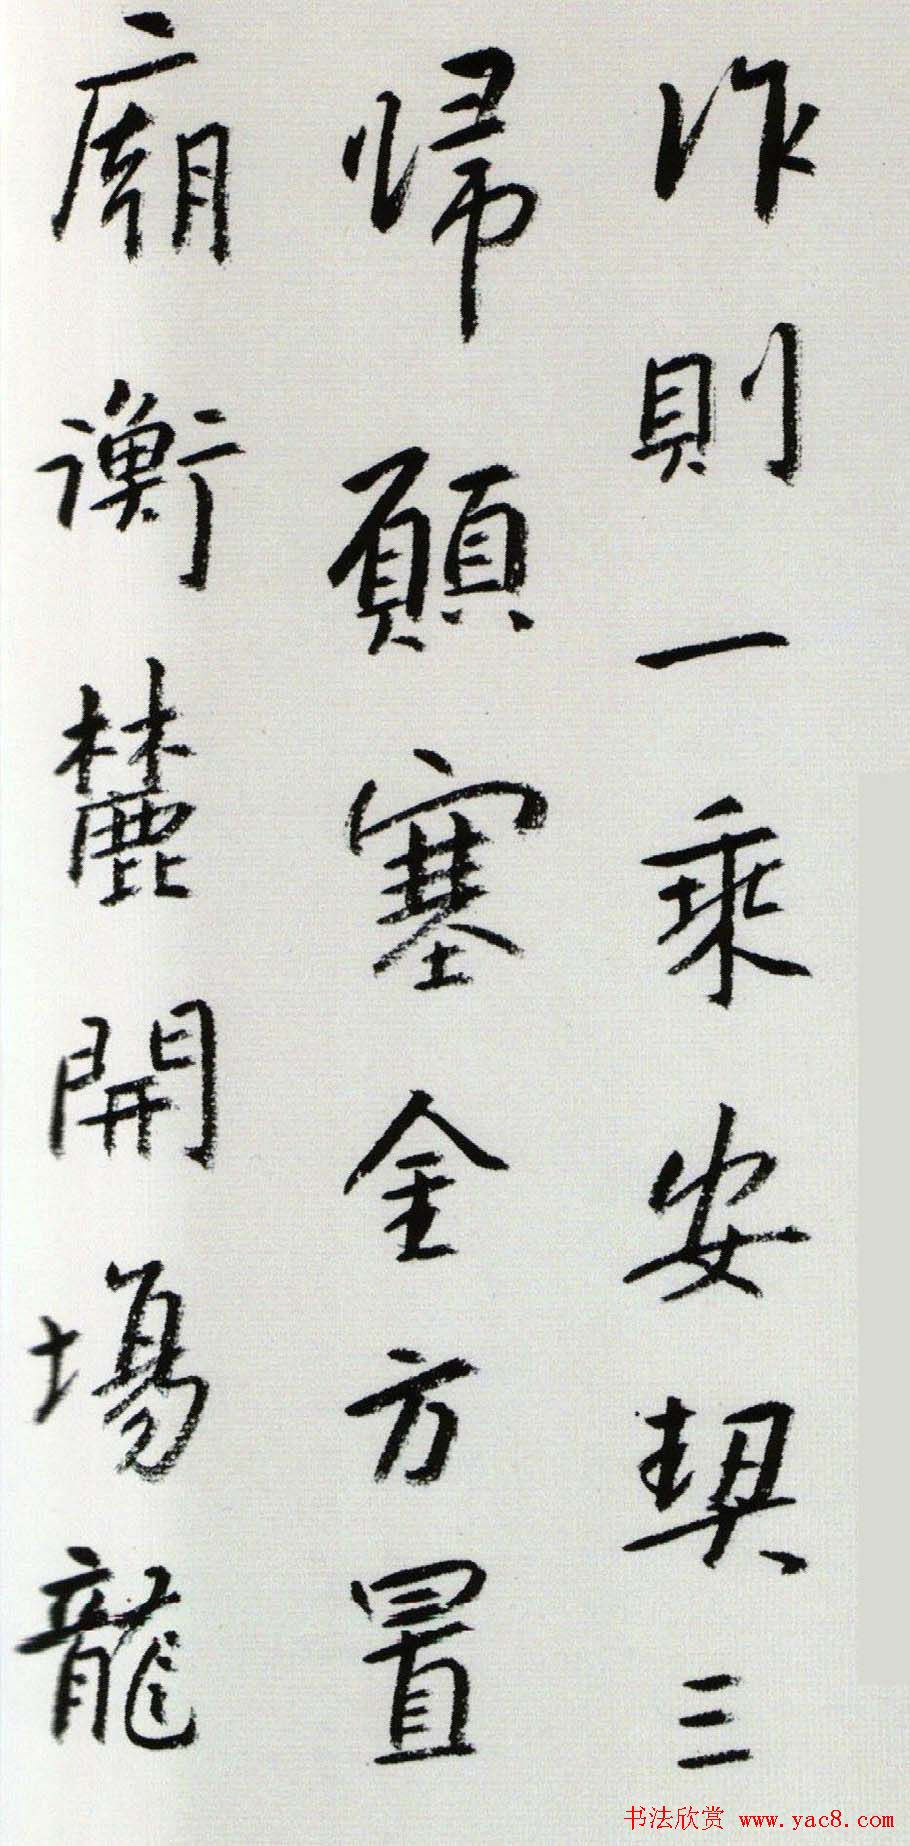 八大山人书法欣赏《富阳山水卷》